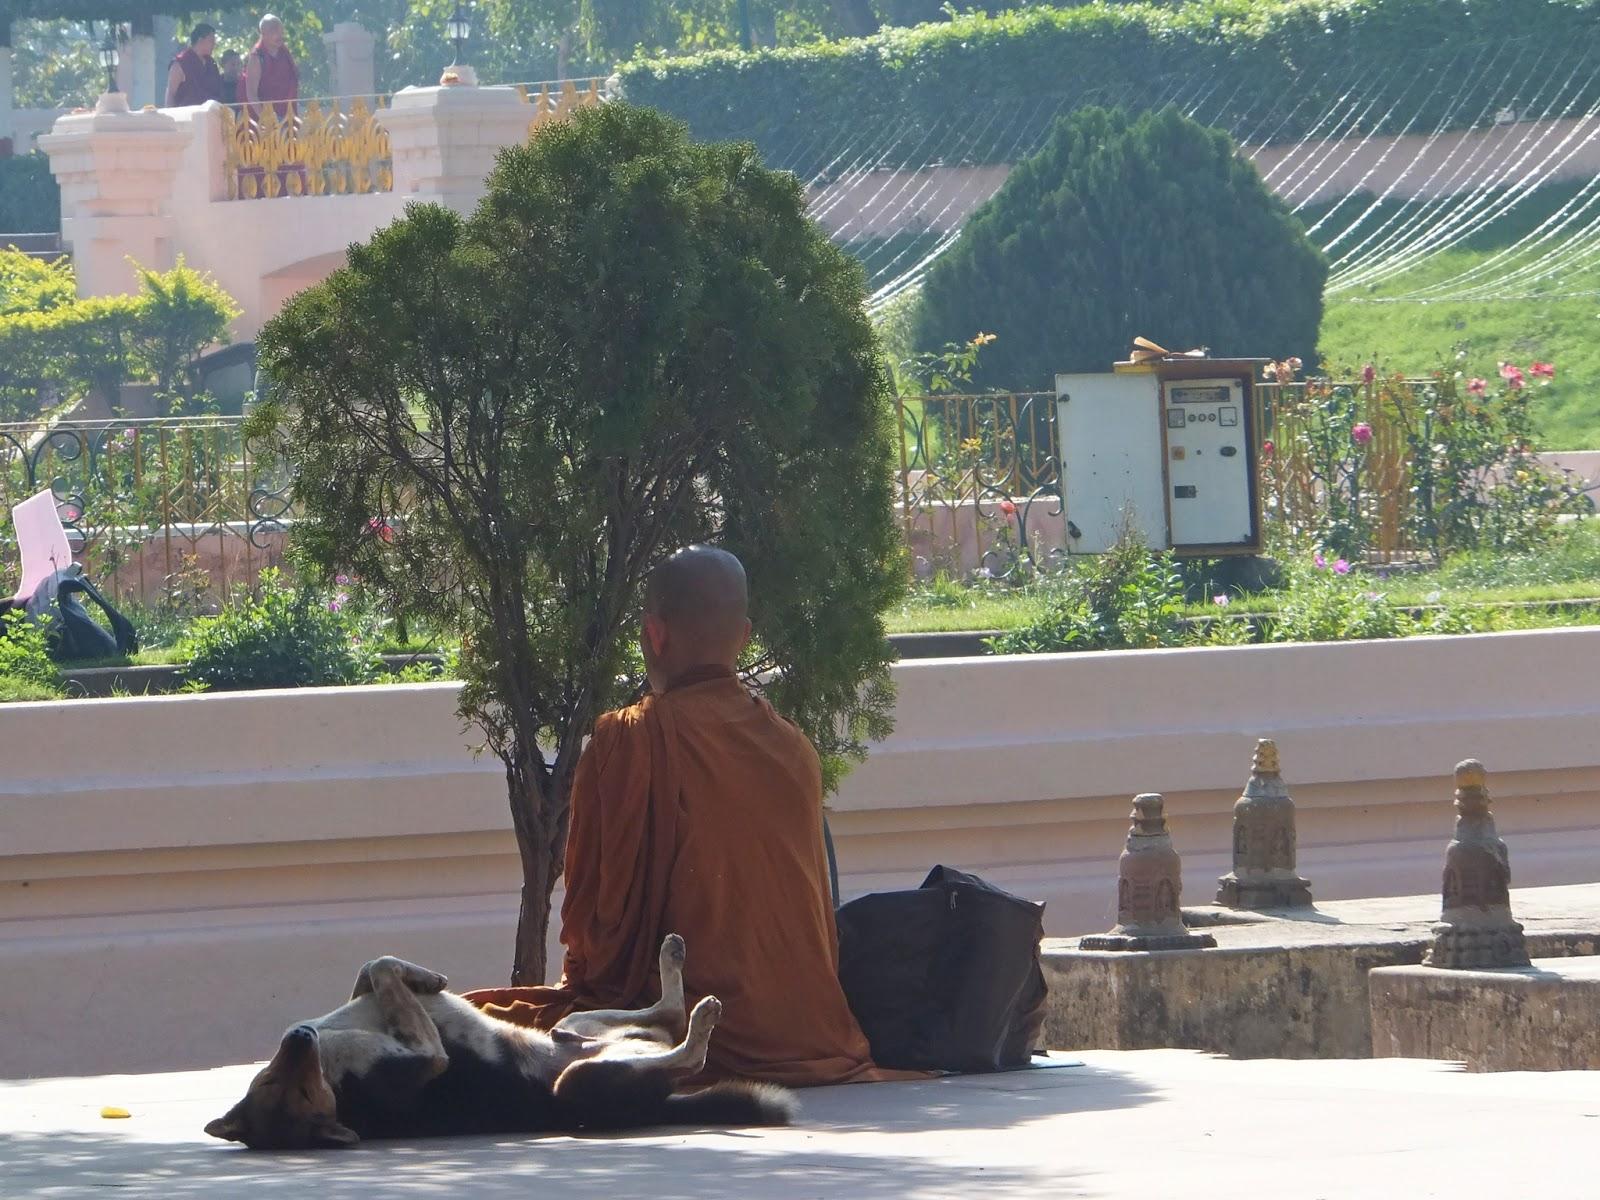 монах буддист медитирует с собакой